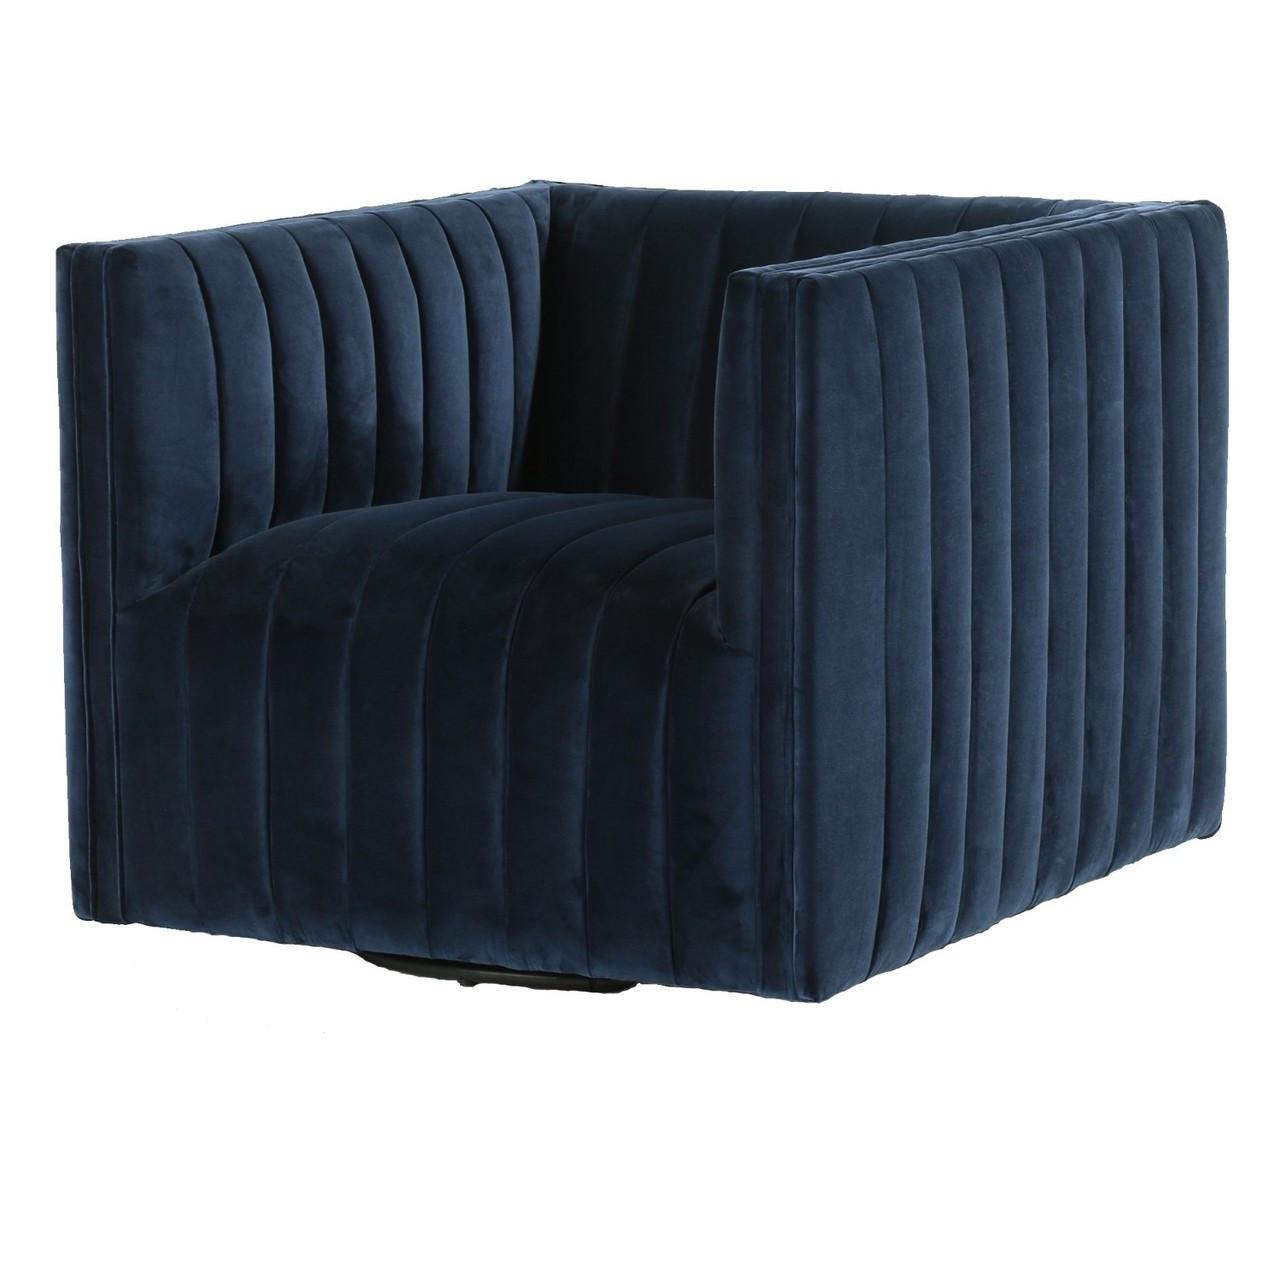 Terrific Augustine Channel Tufted Navy Velvet Swivel Chair Short Links Chair Design For Home Short Linksinfo